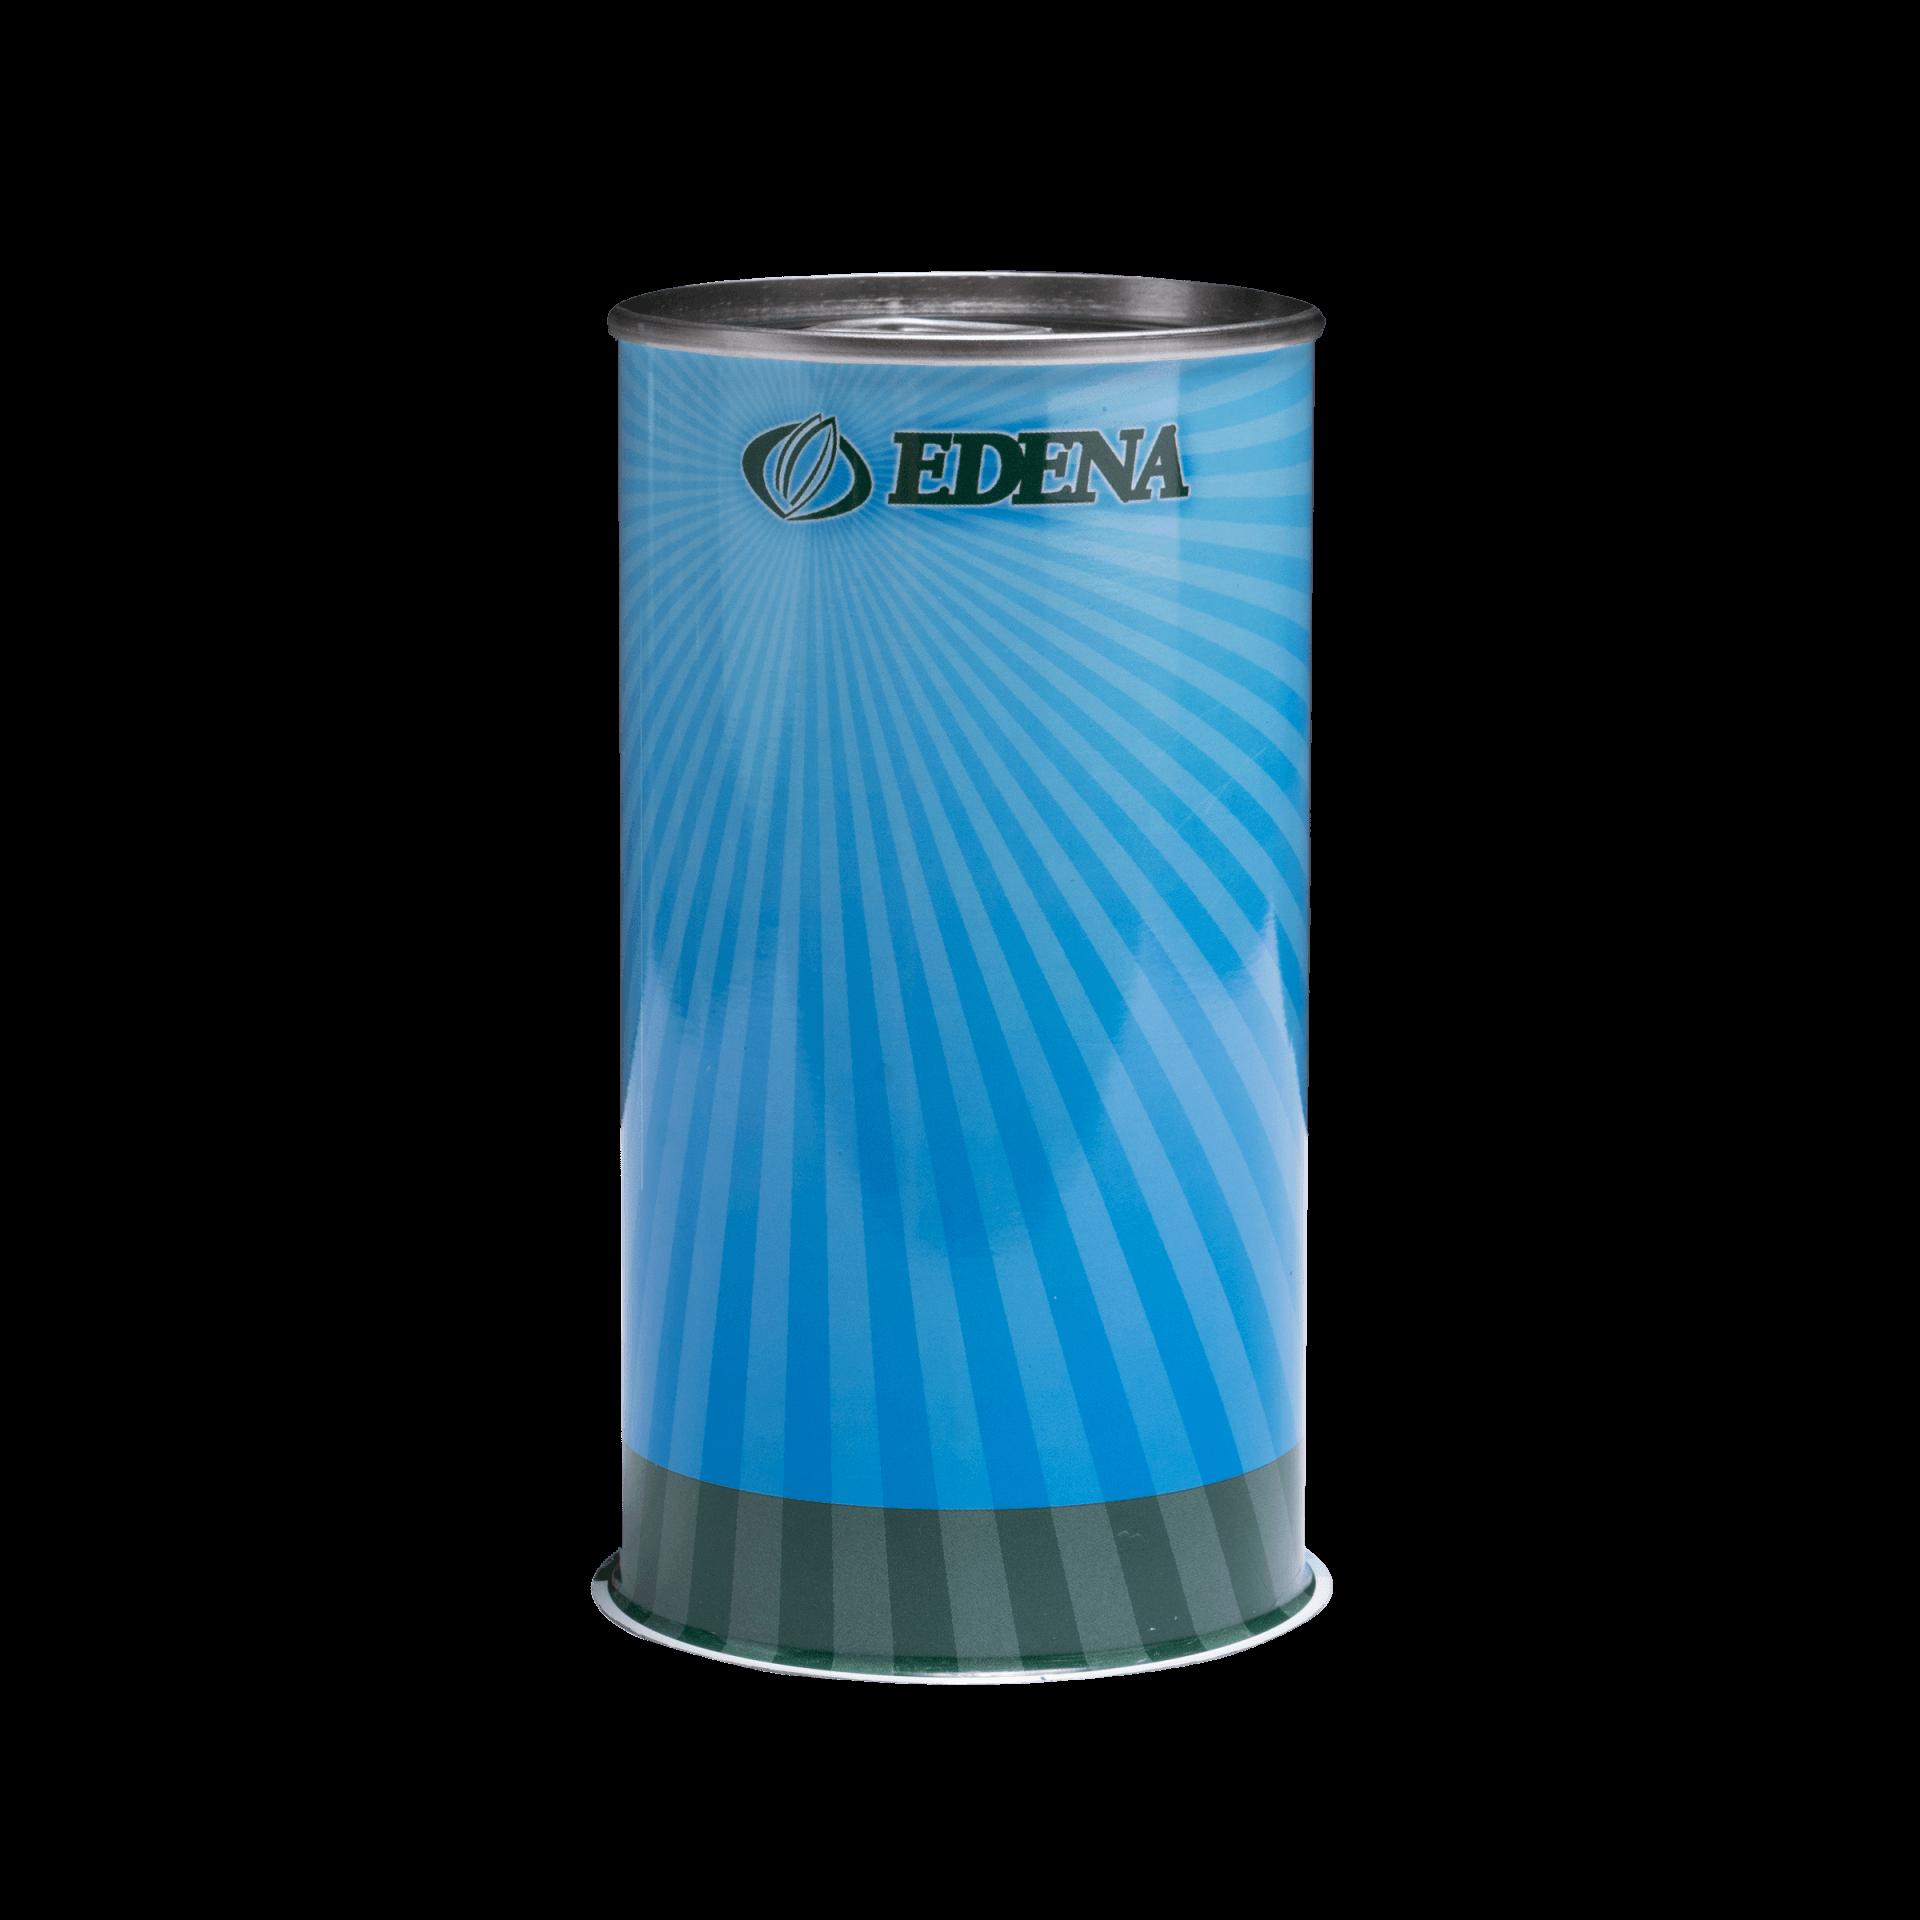 211-3 Edena metal can